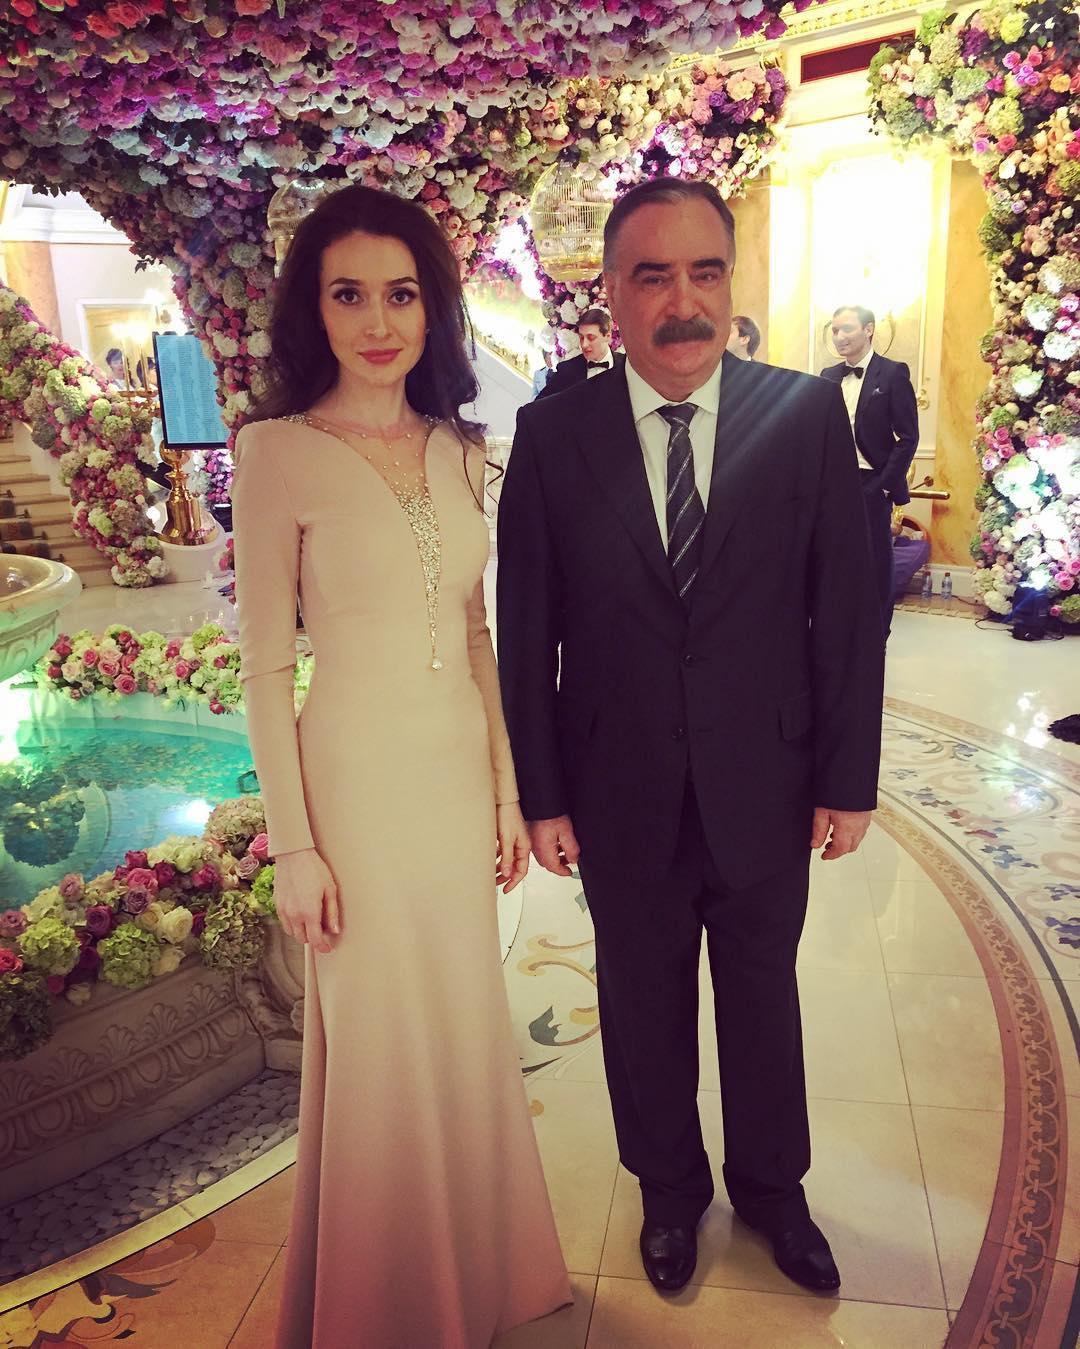 Самая дорогая свадьба в мире в 2017 году